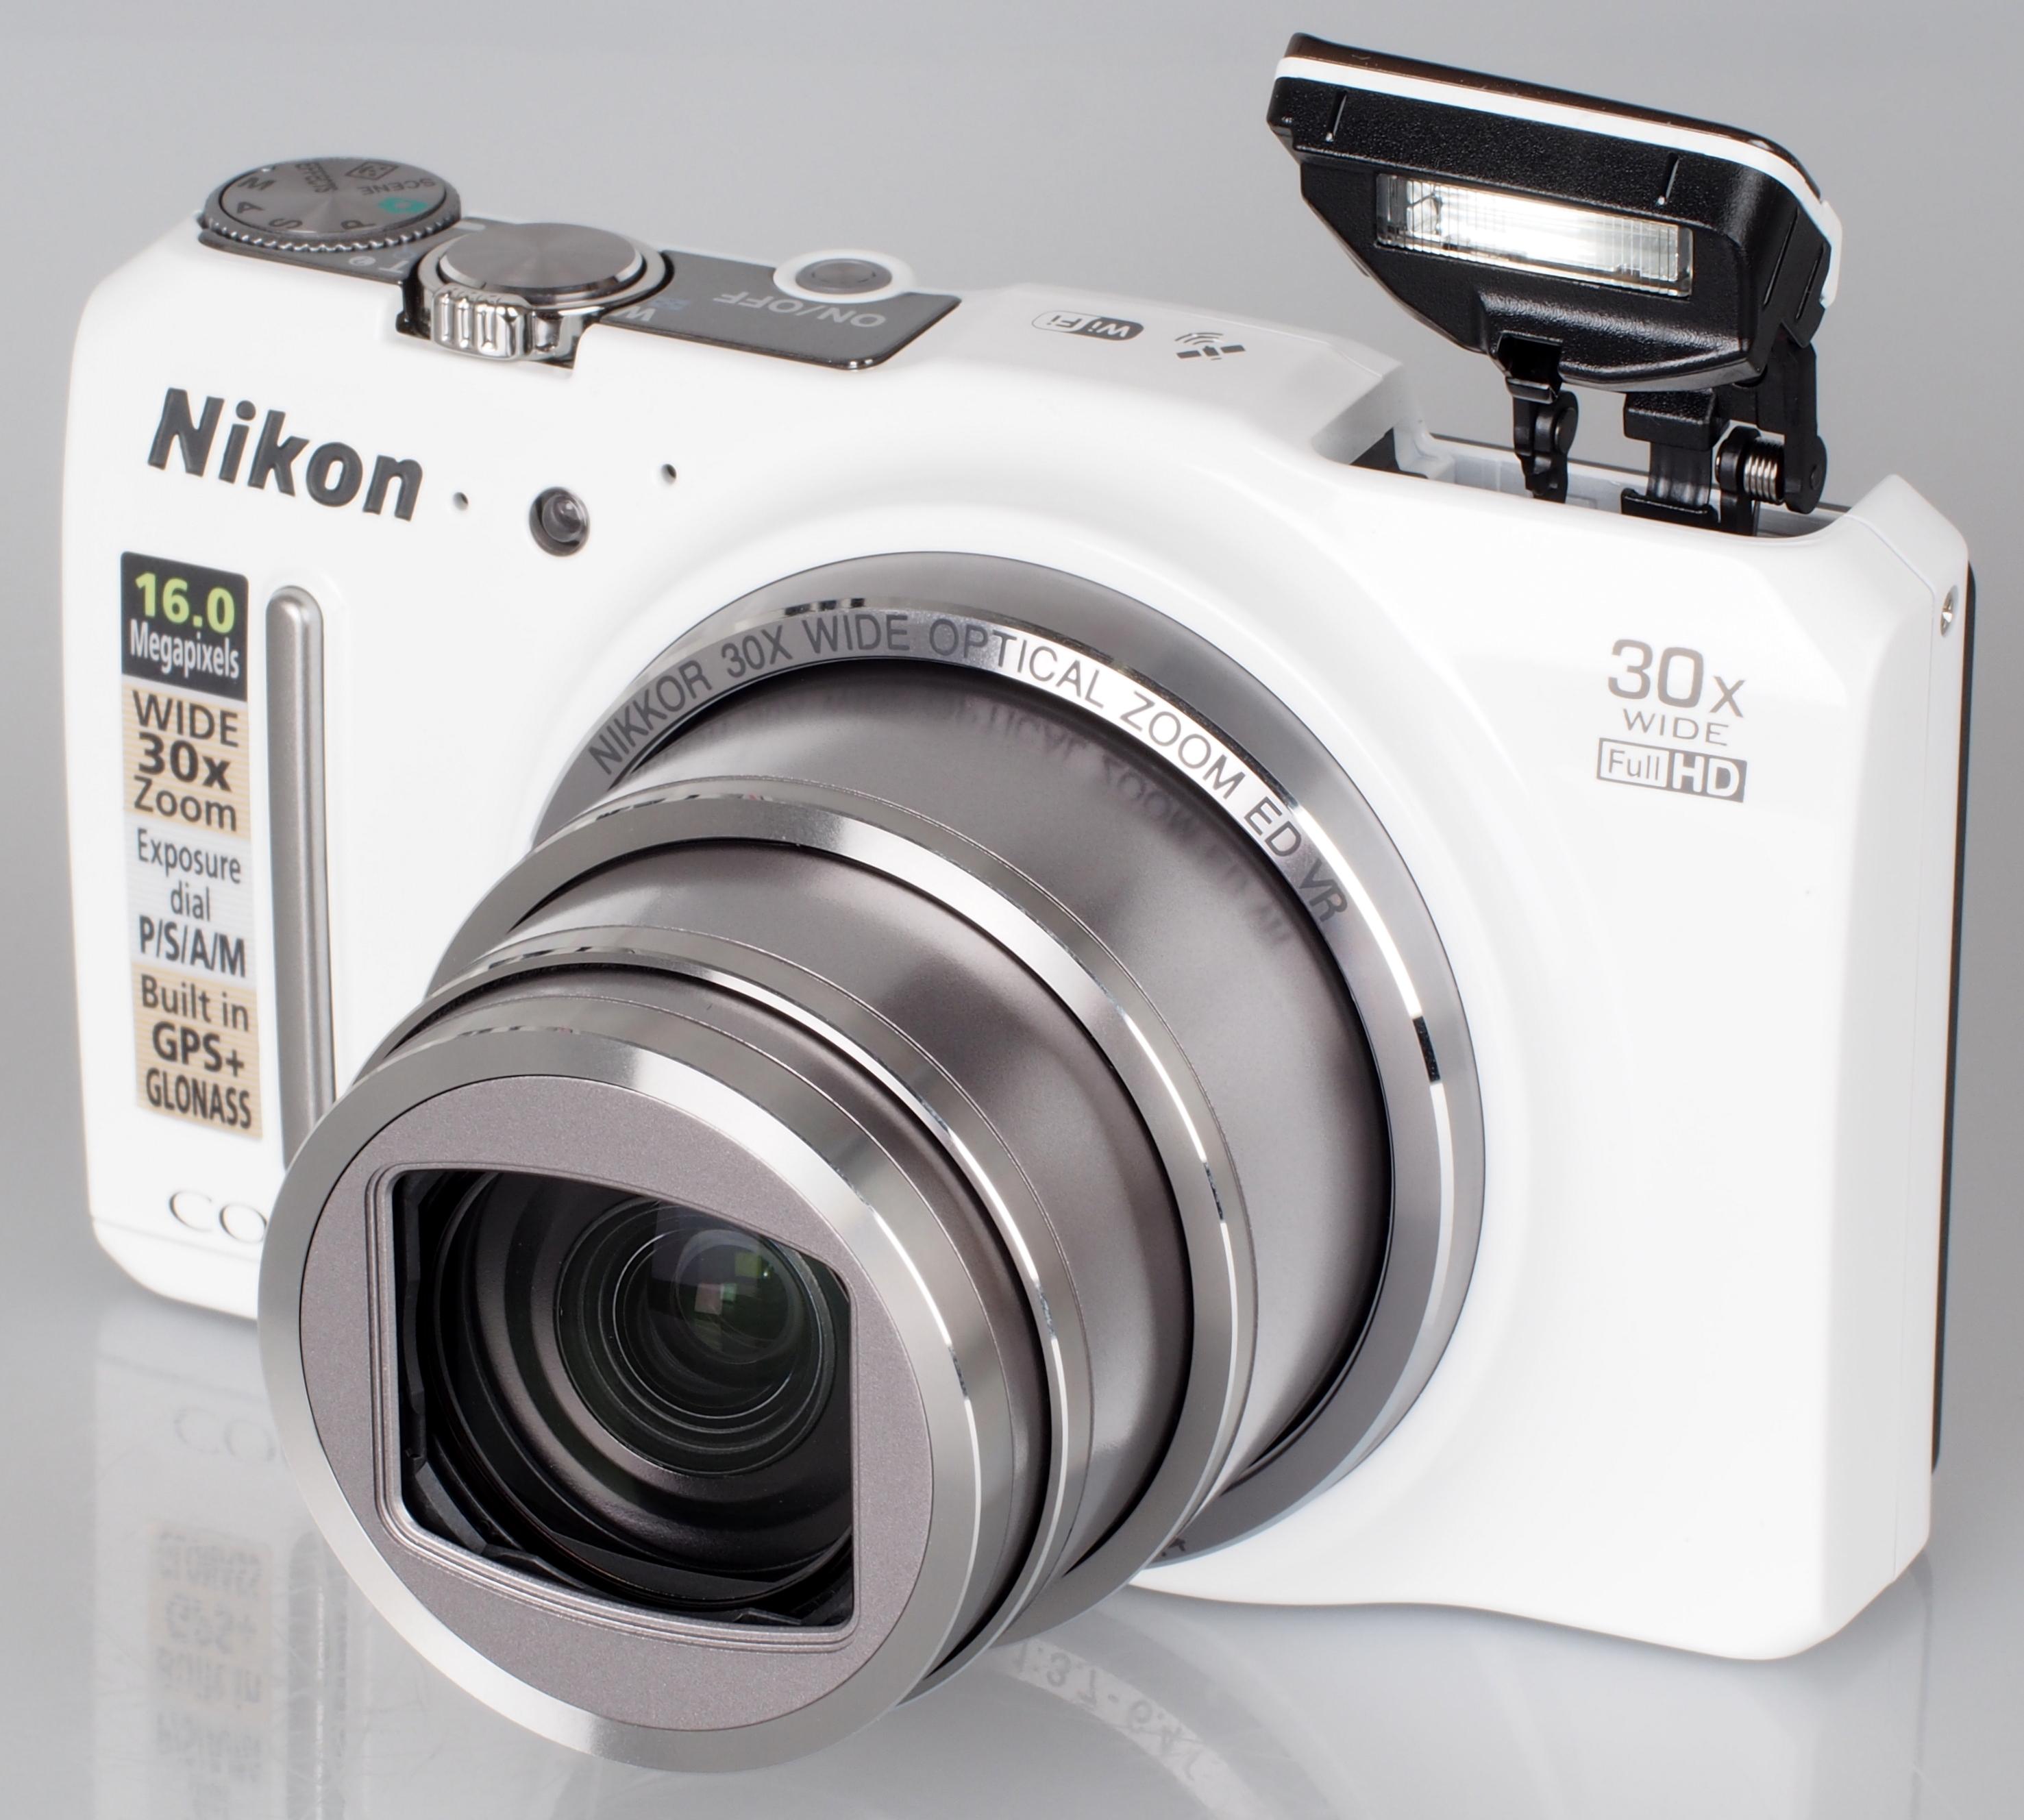 Lovely Res Nikon Pix S9700 6 1398173518 Nikon Pix S9700 Sd Card Size Nikon Pix S9700 Charger dpreview Nikon Coolpix S9700